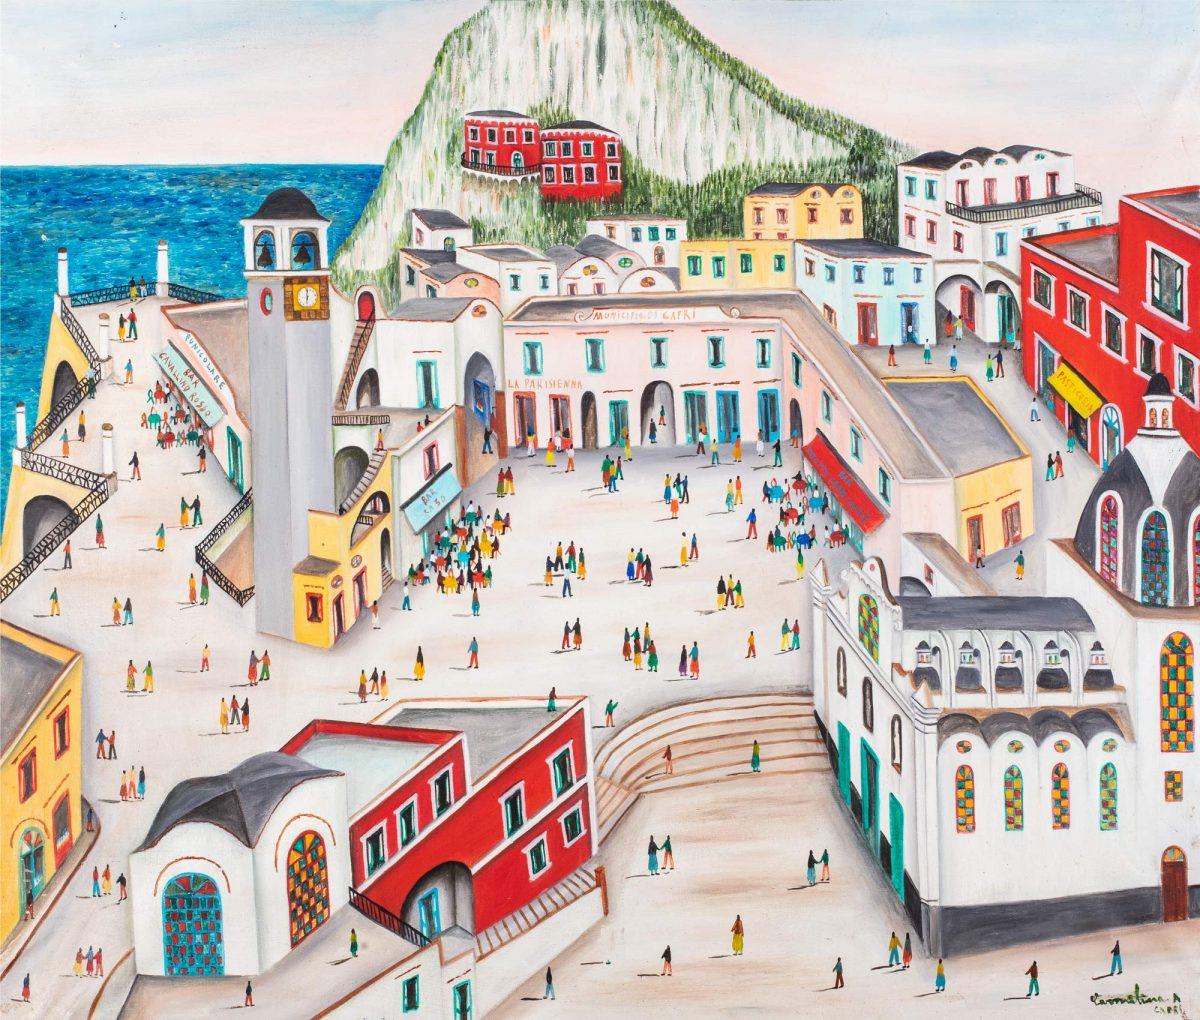 Carmelina di Capri, Municipio di Capri, olio su tela cm 80 x 100   Opera in asta a Roma il prossimo 27 aprile